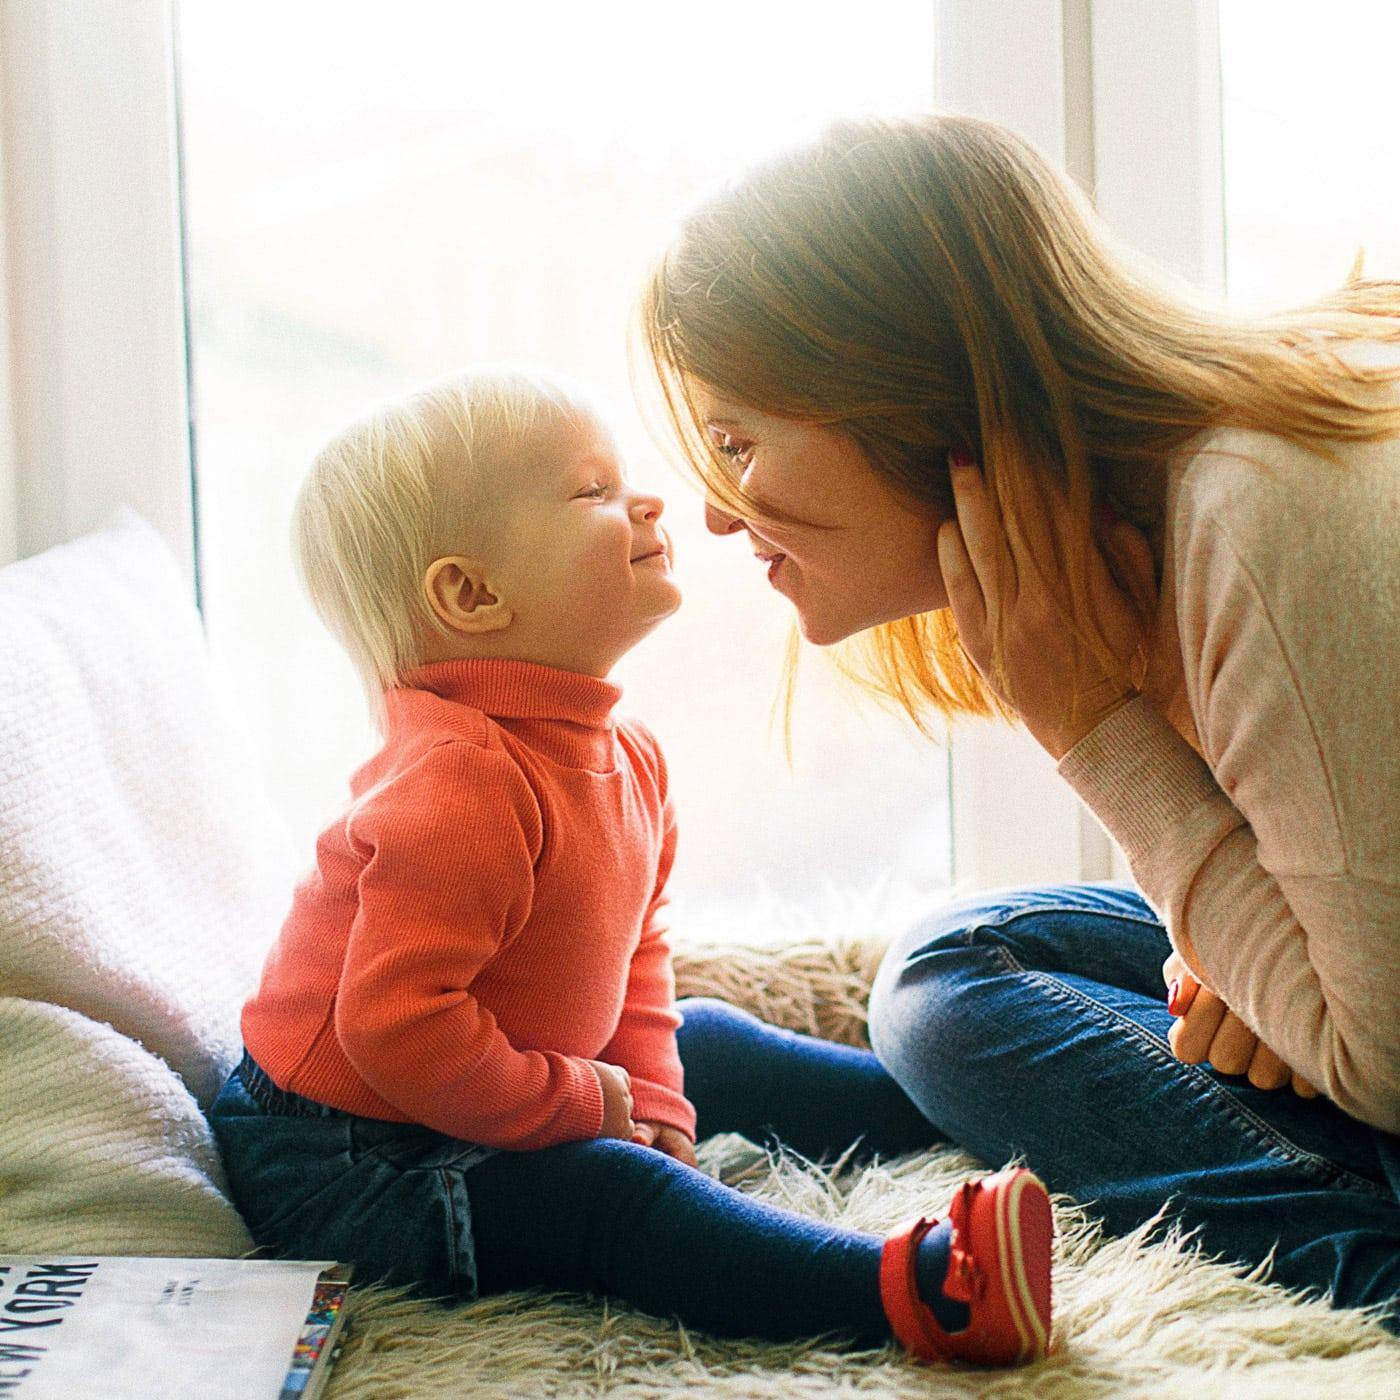 Kuscheln und gute Stimmung mit kleinem Kind zuhause // HIMBEER